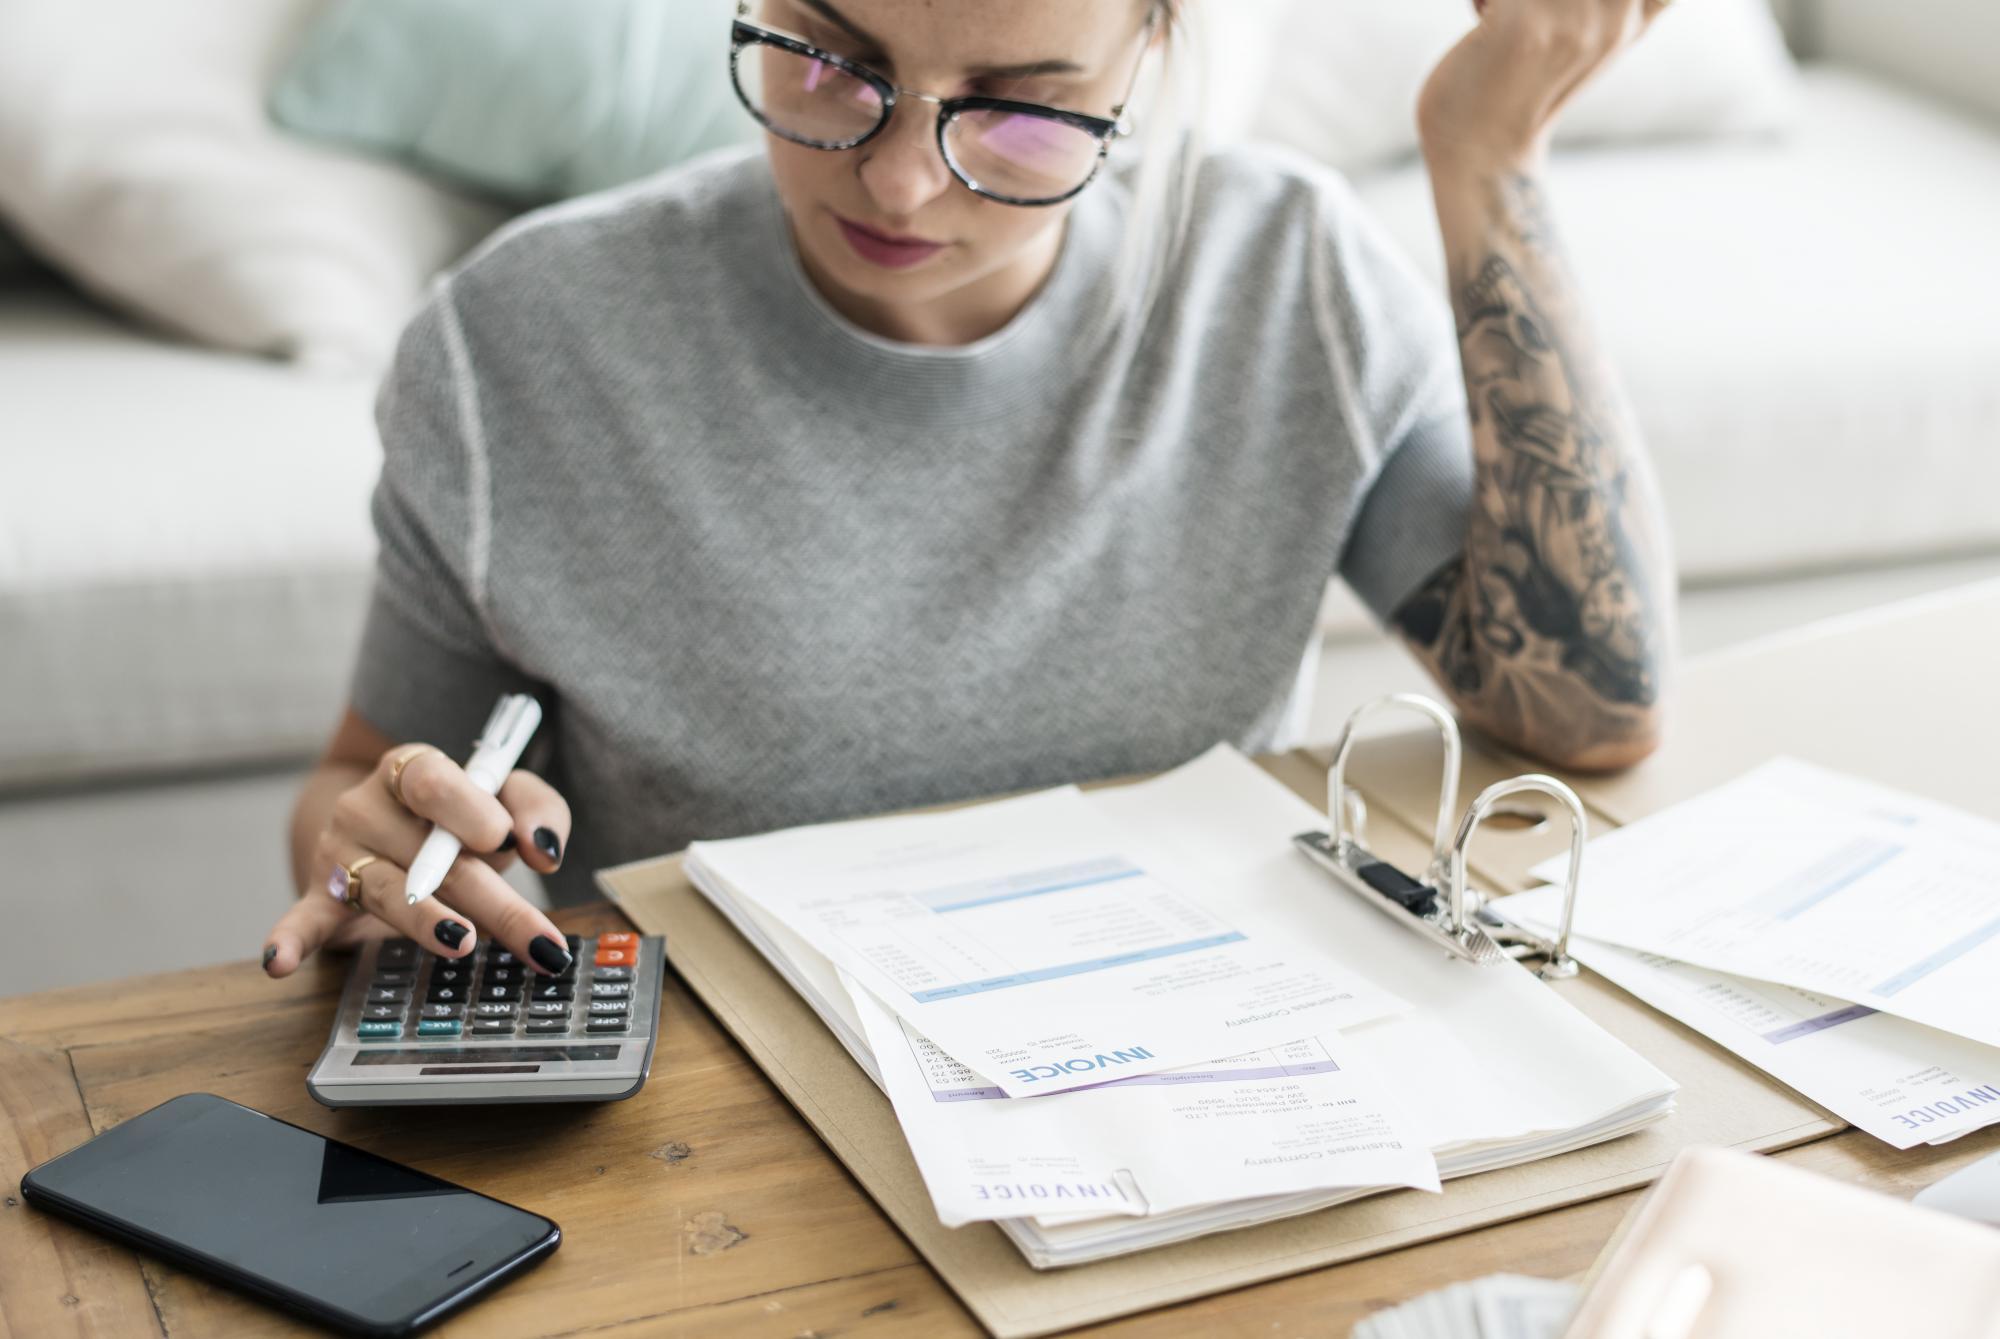 Выделение юрлица с целью применения ЕНВД не относится к необоснованной налоговой выгоде